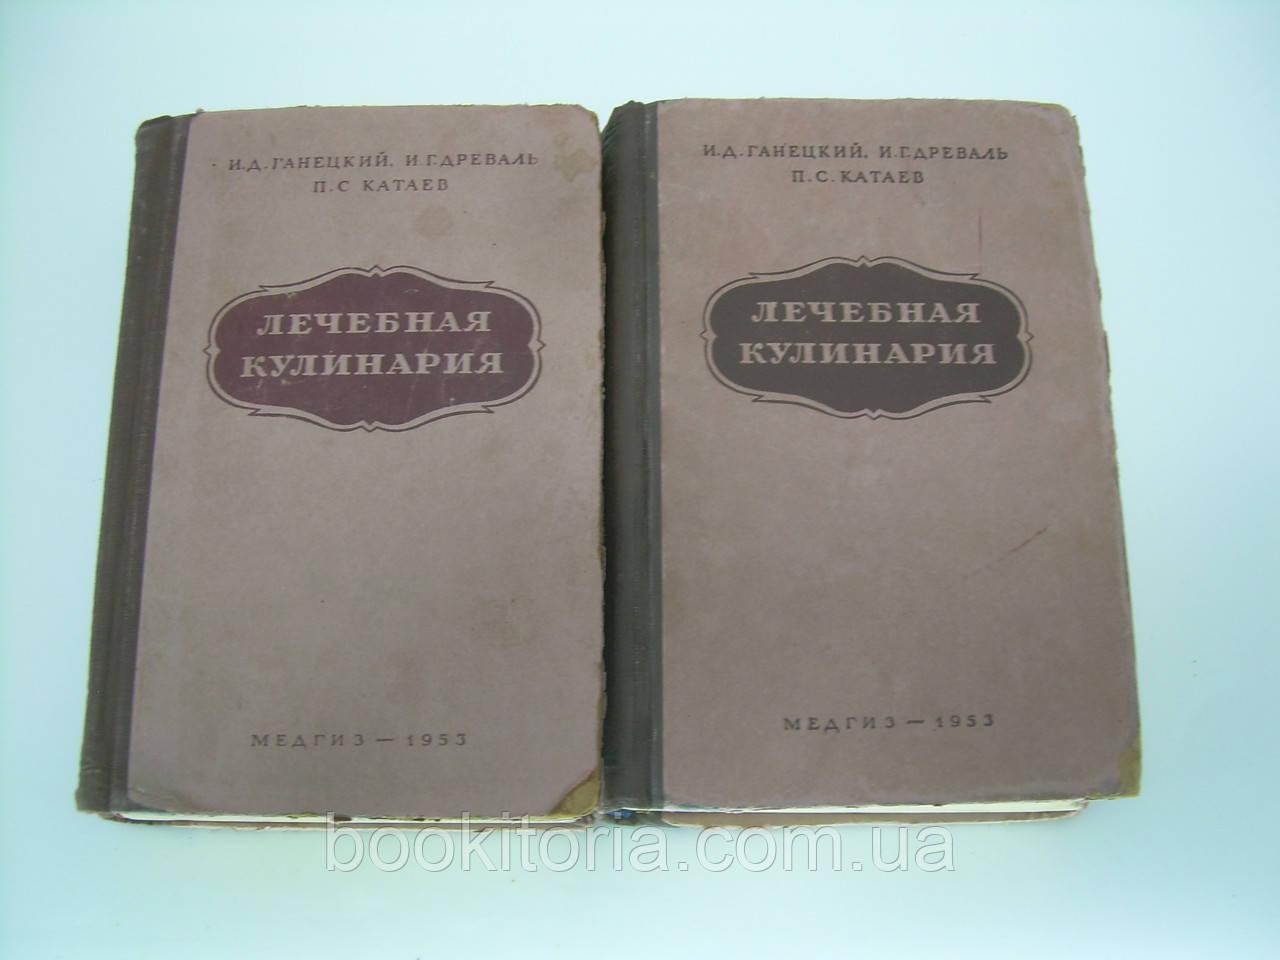 Ганецкий И.Д., Древаль И.Г., Катаев П.С. Лечебная кулинария (б/у).